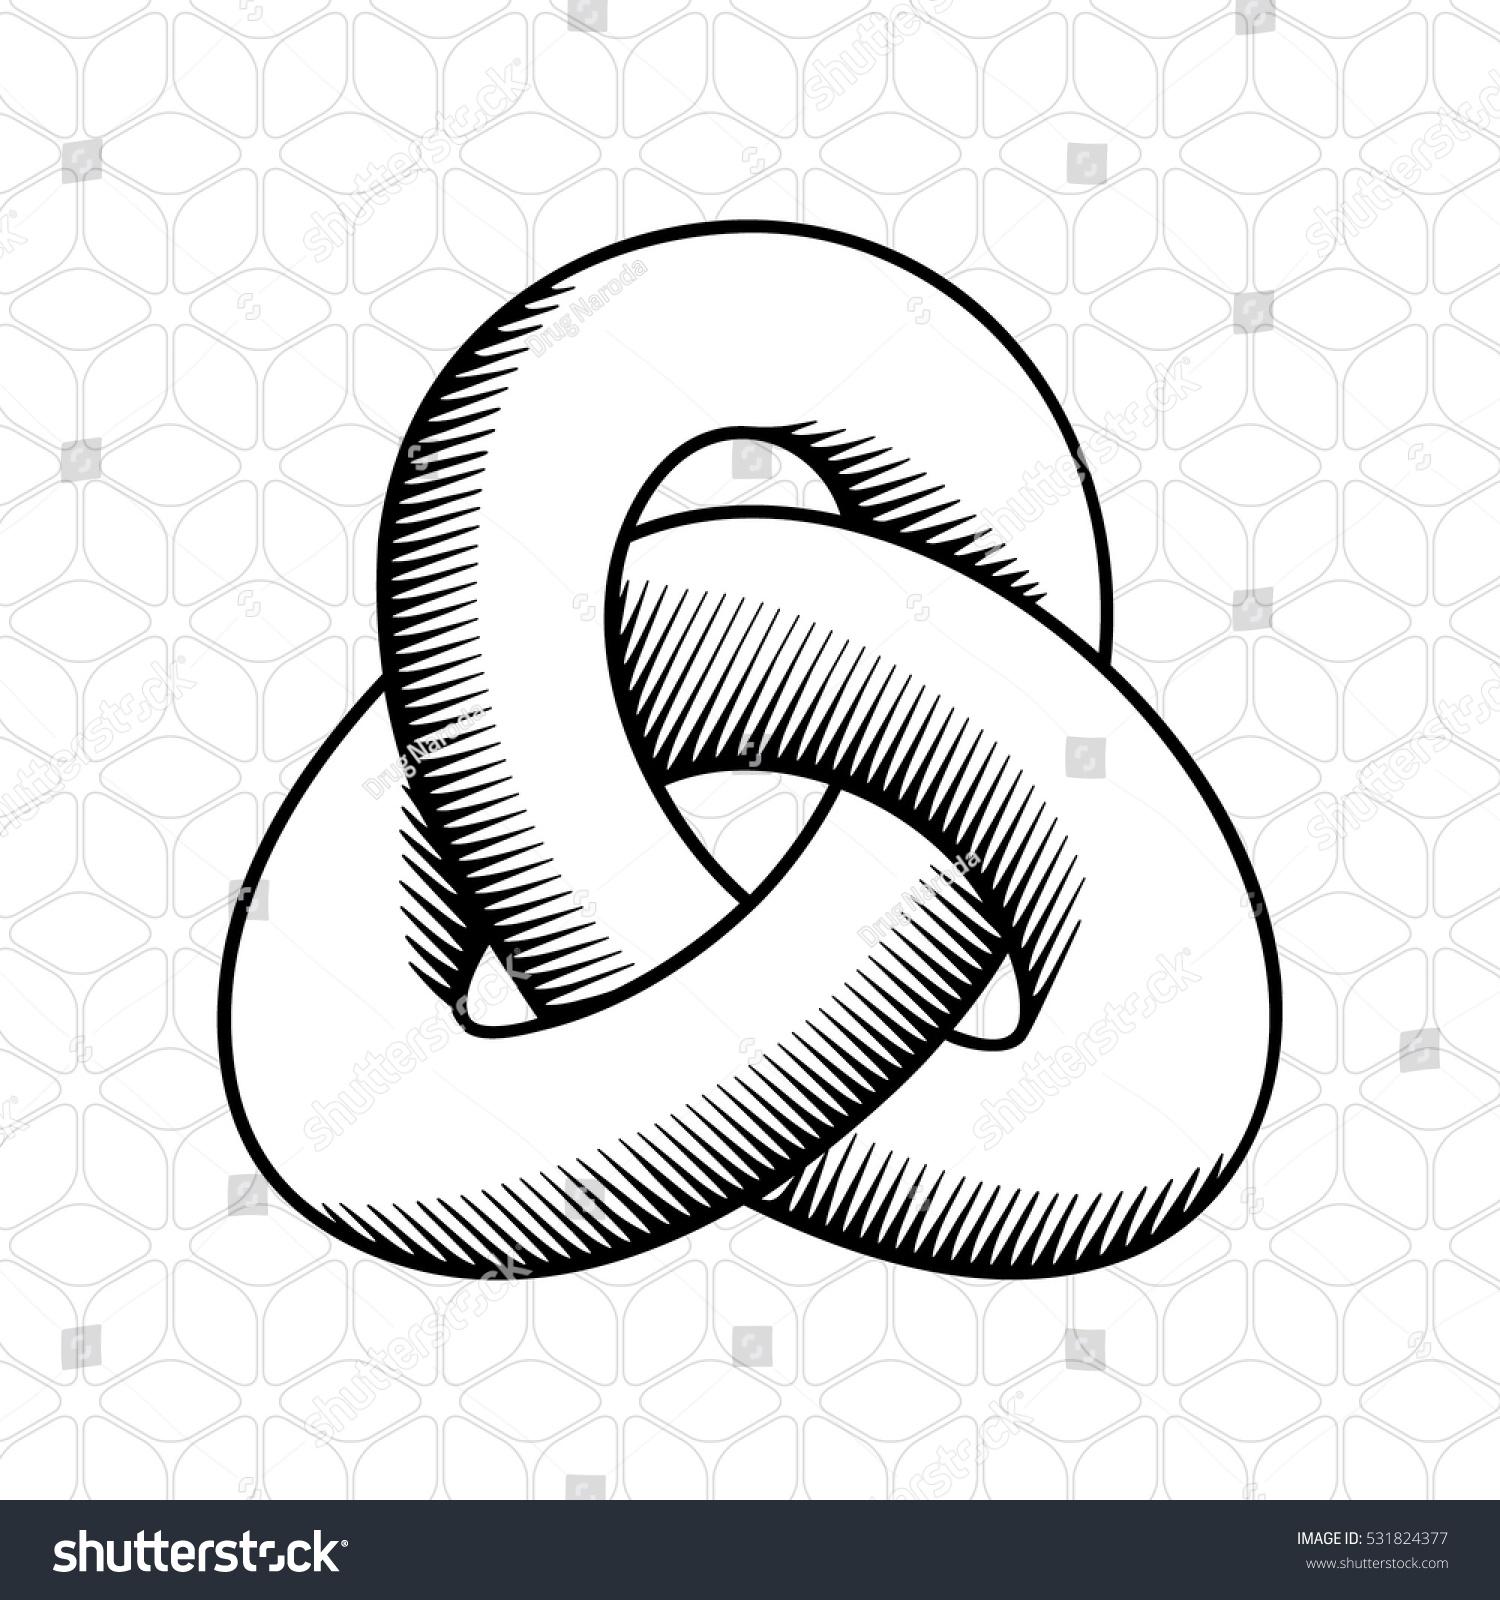 triple mobius loop impossible geometric figure stock vector (royalty